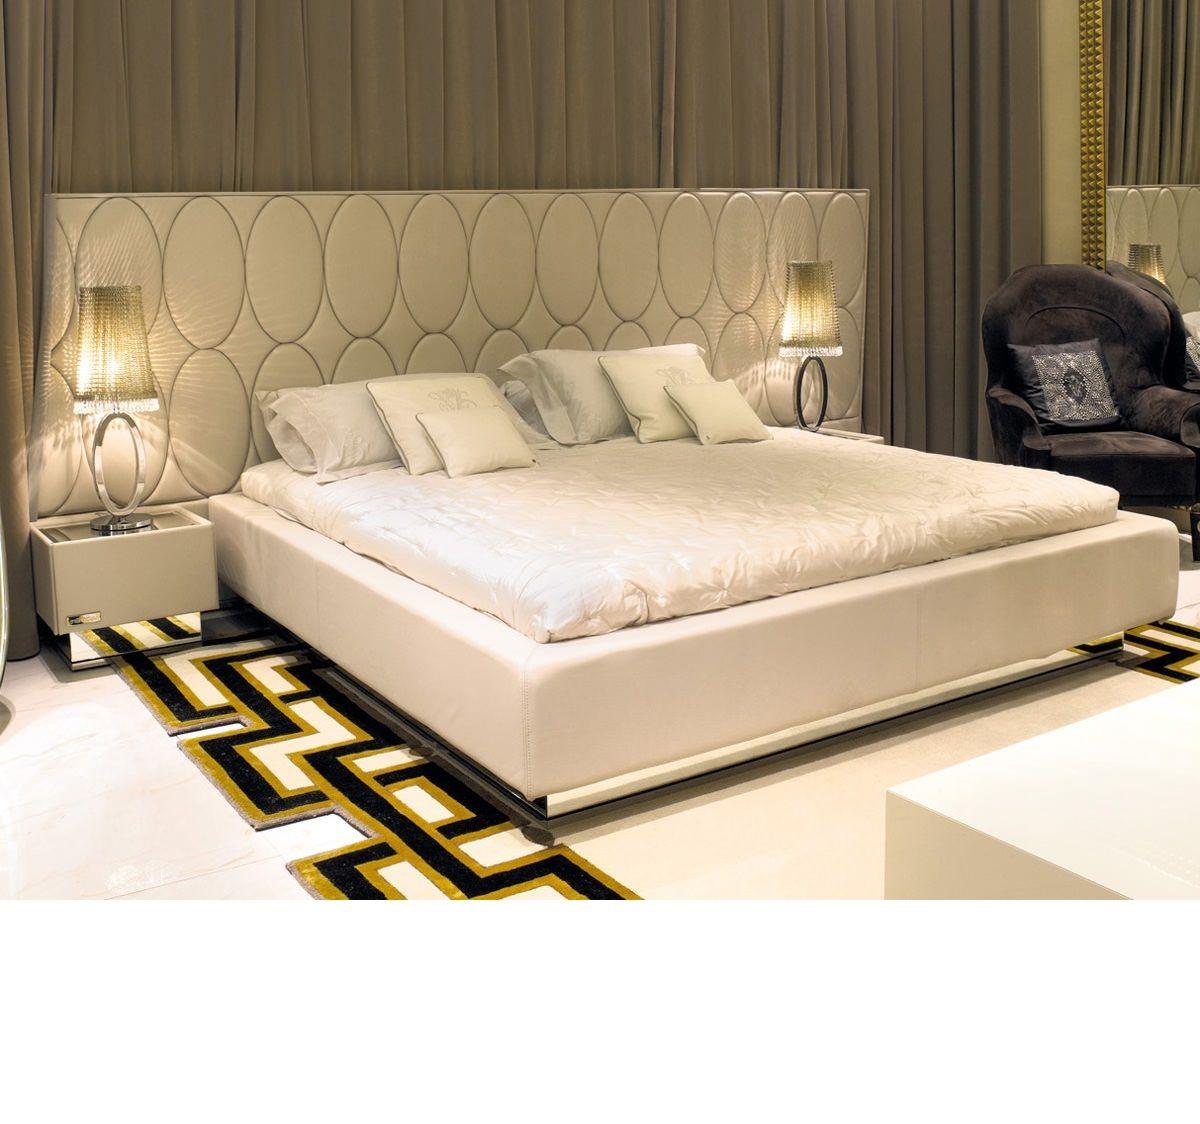 Luxury Bedrooms Luxury Bedroom Furniture Designer Bedroom Furniture By Instyle Decor C Luxurious Bedrooms Luxury Bedroom Decor Luxury Bedroom Inspiration